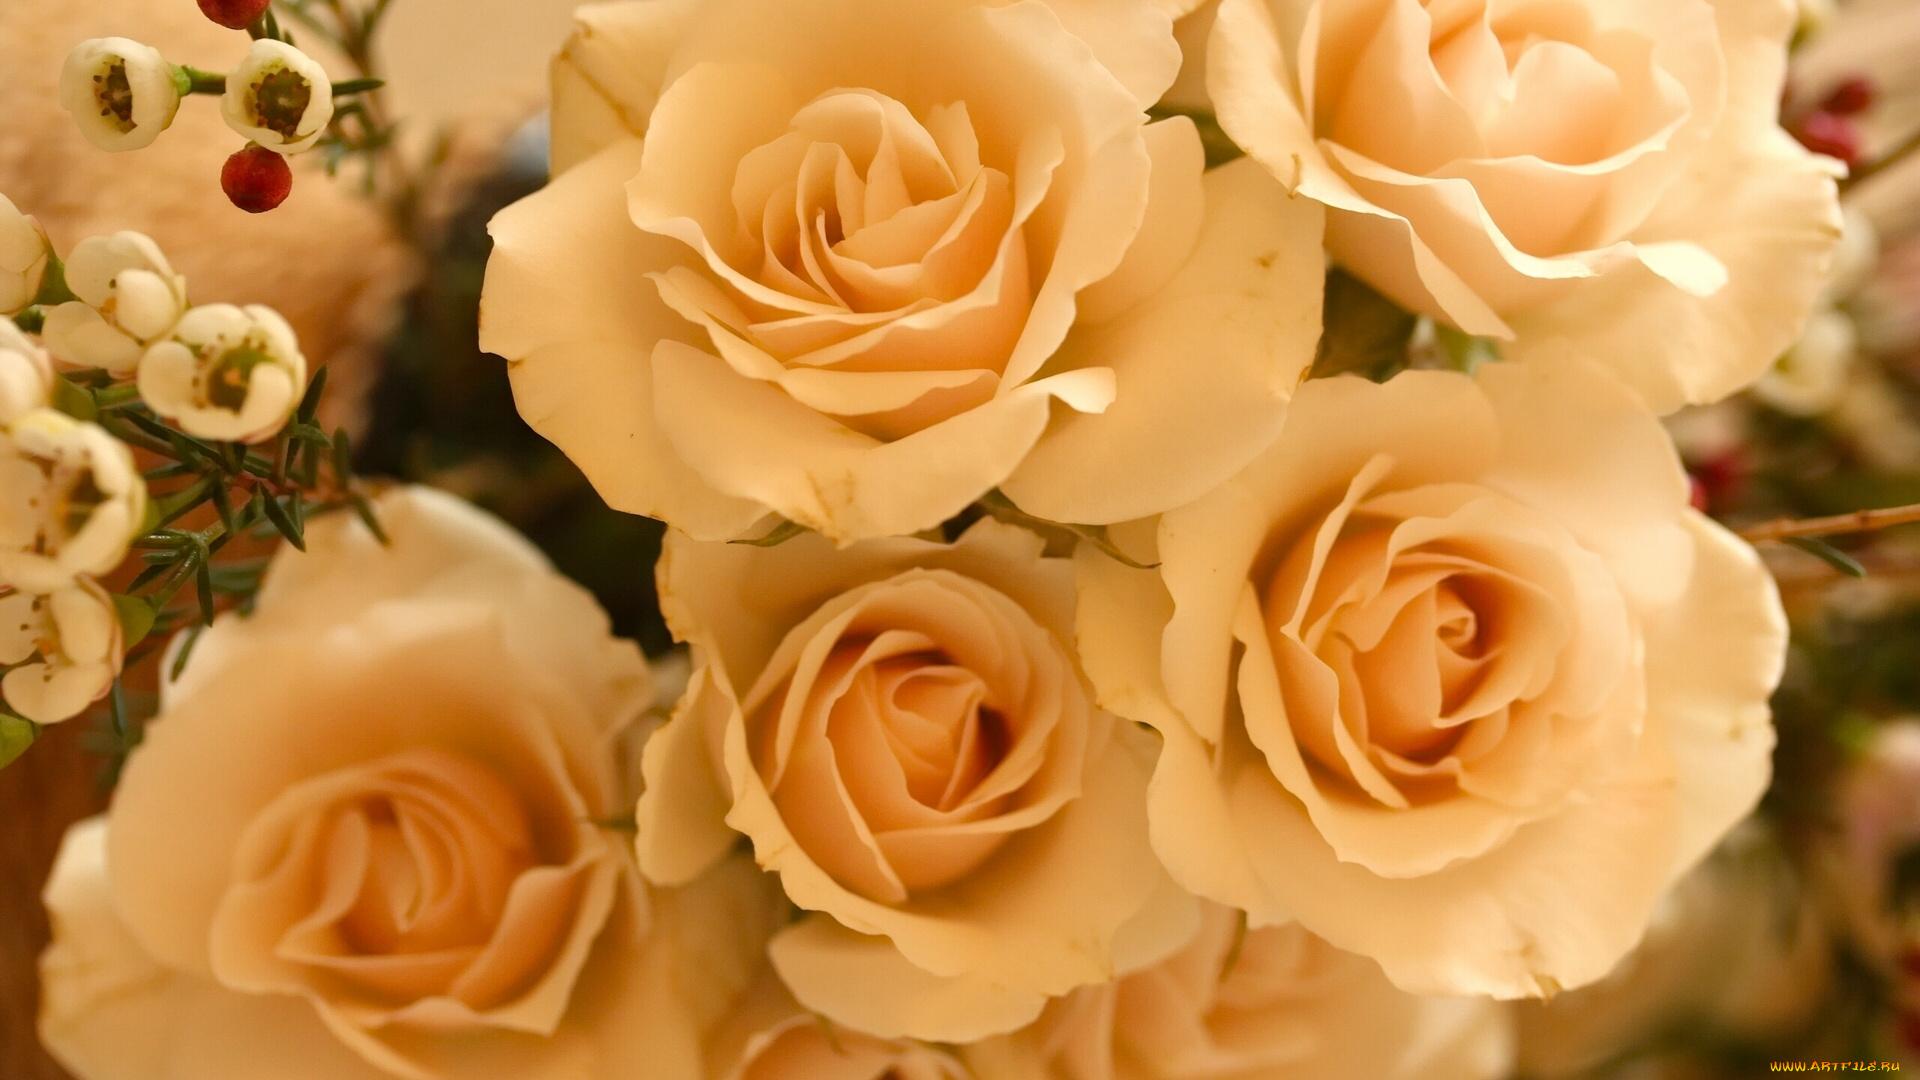 бежевые розы обои на рабочий стол № 51779 загрузить